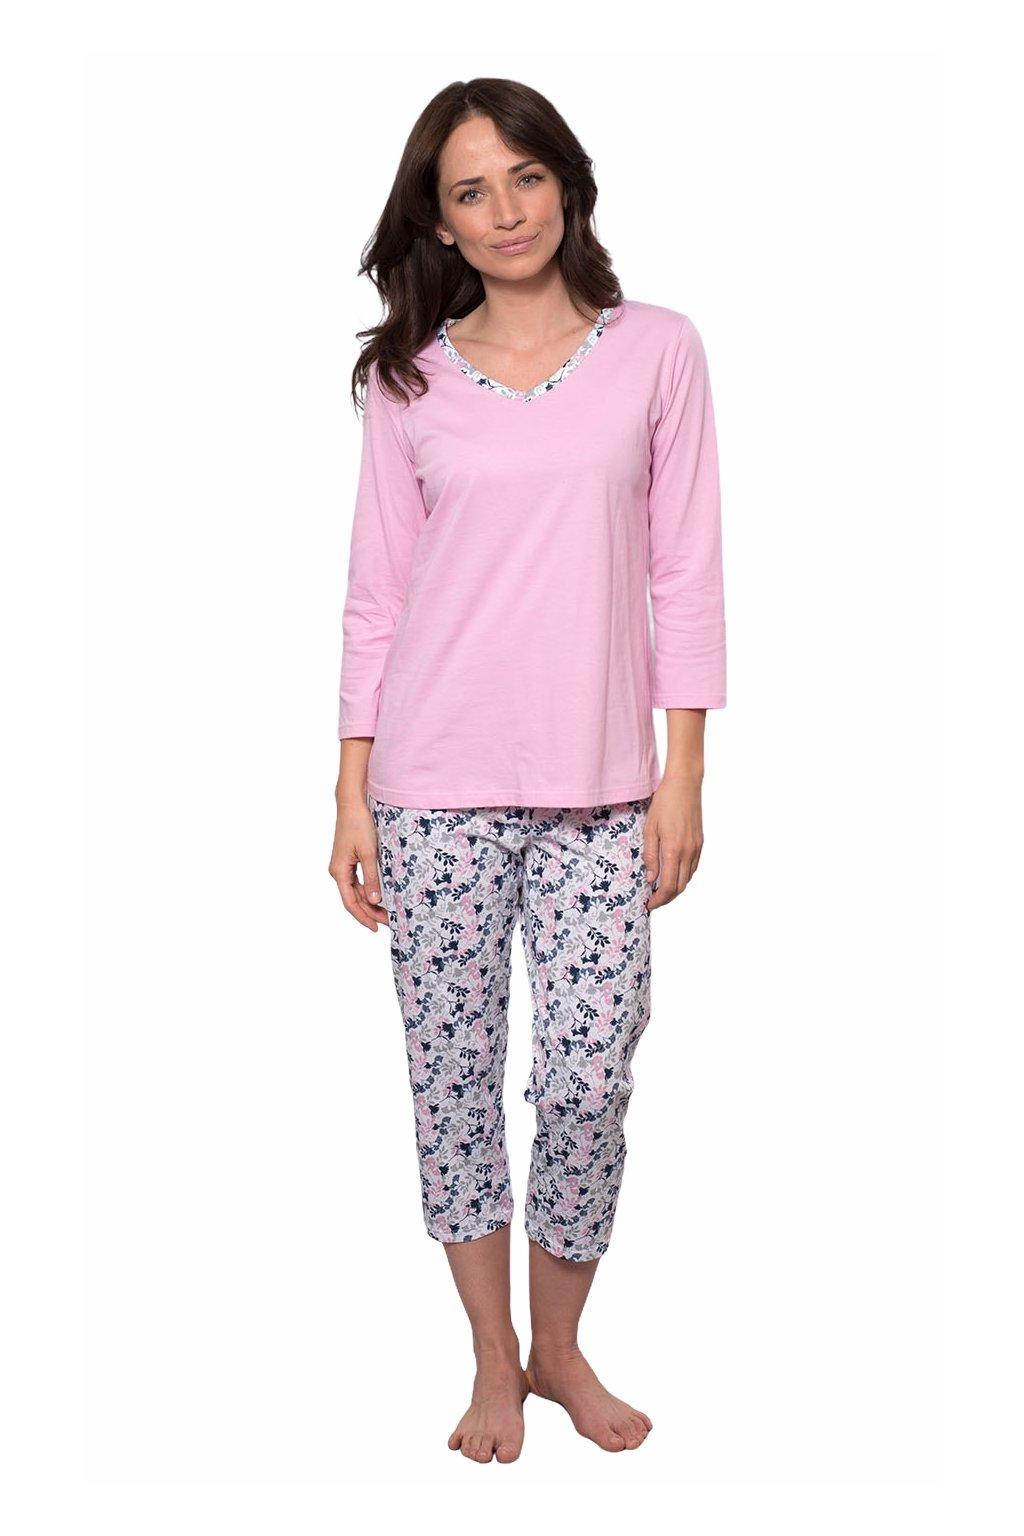 Dámské pyžamo s 3/4 rukávem, 104495 489, růžová